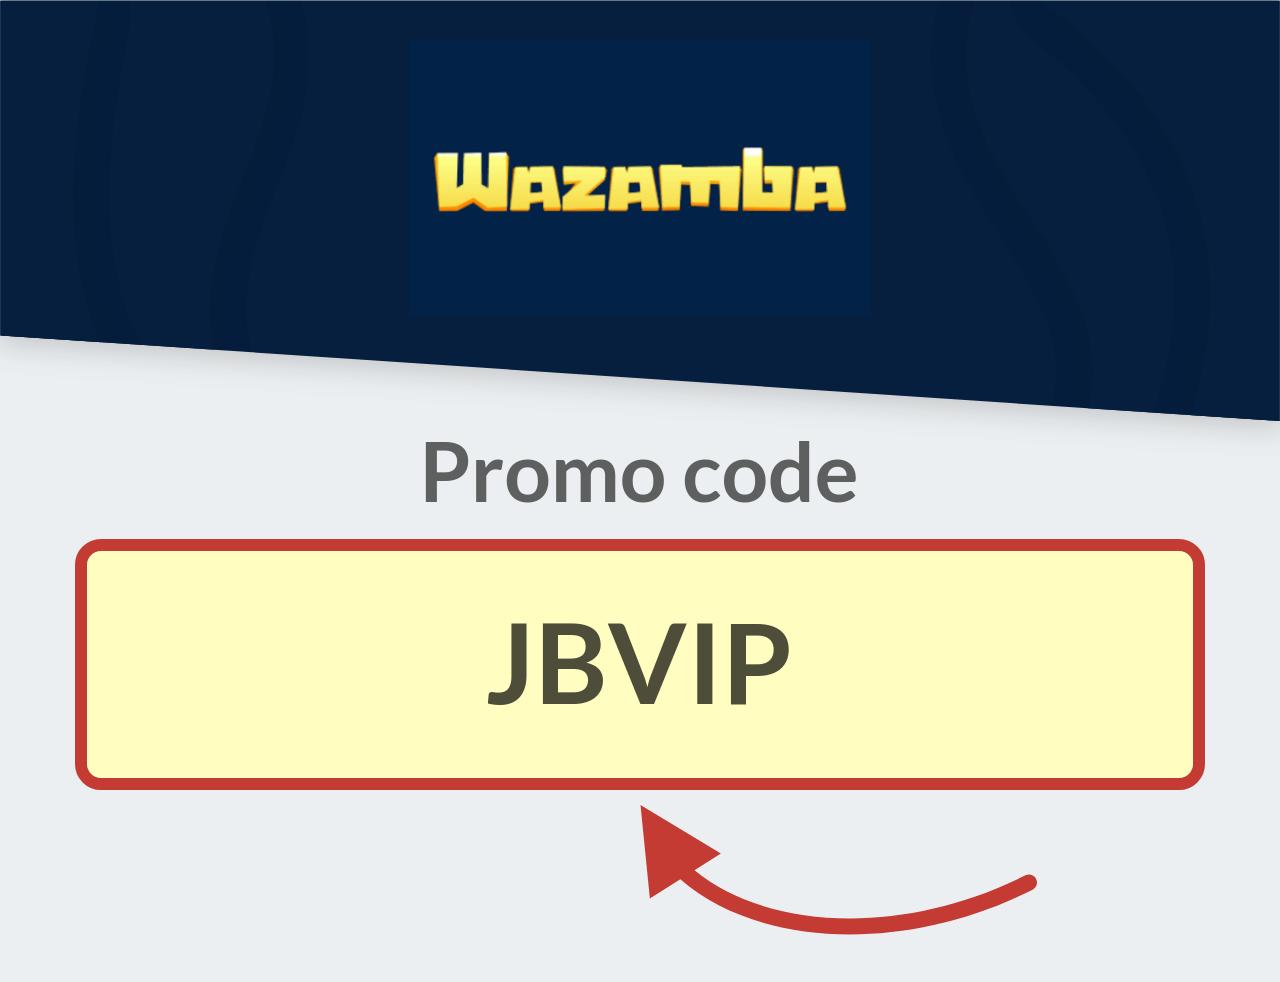 Wazamba Casino Promo Code